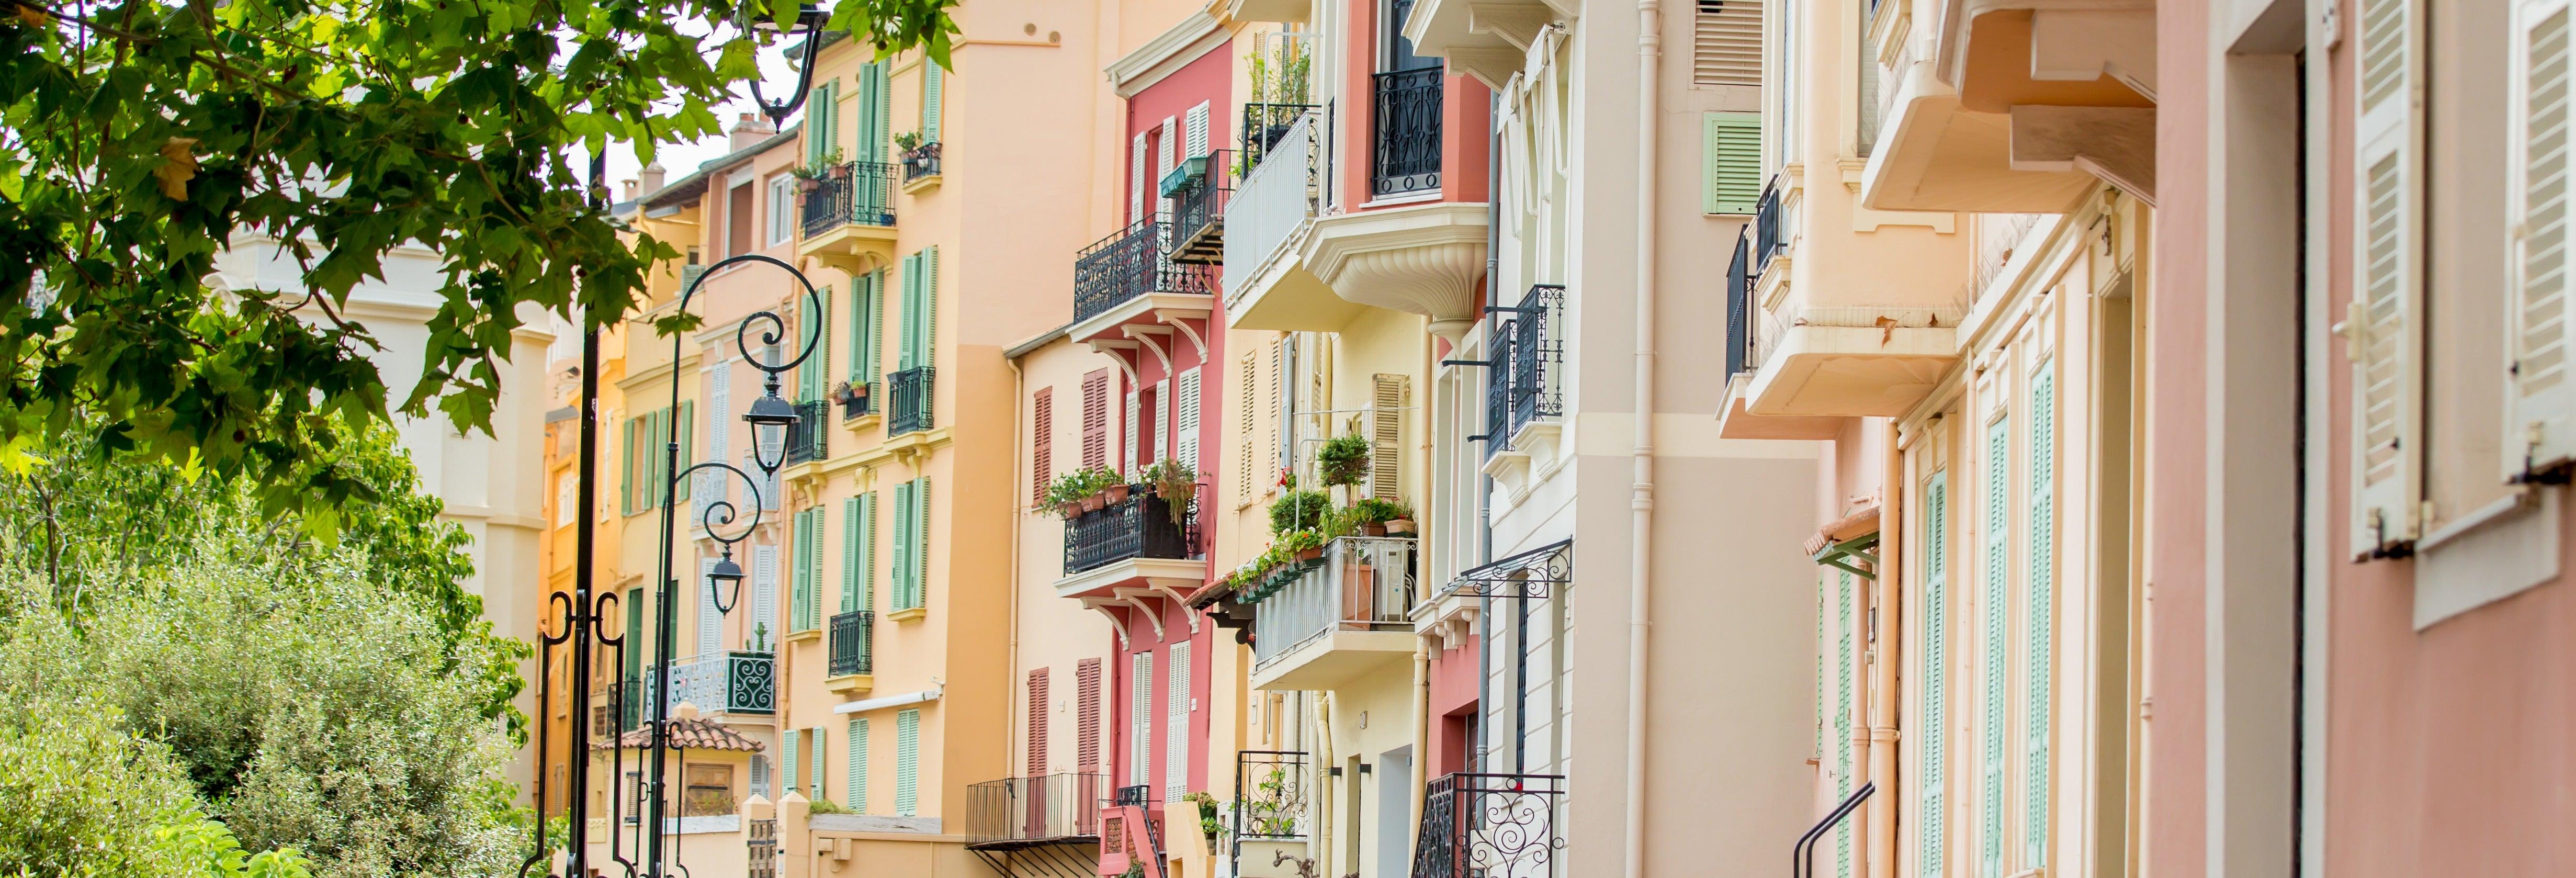 Excursão privada saindo de Mônaco